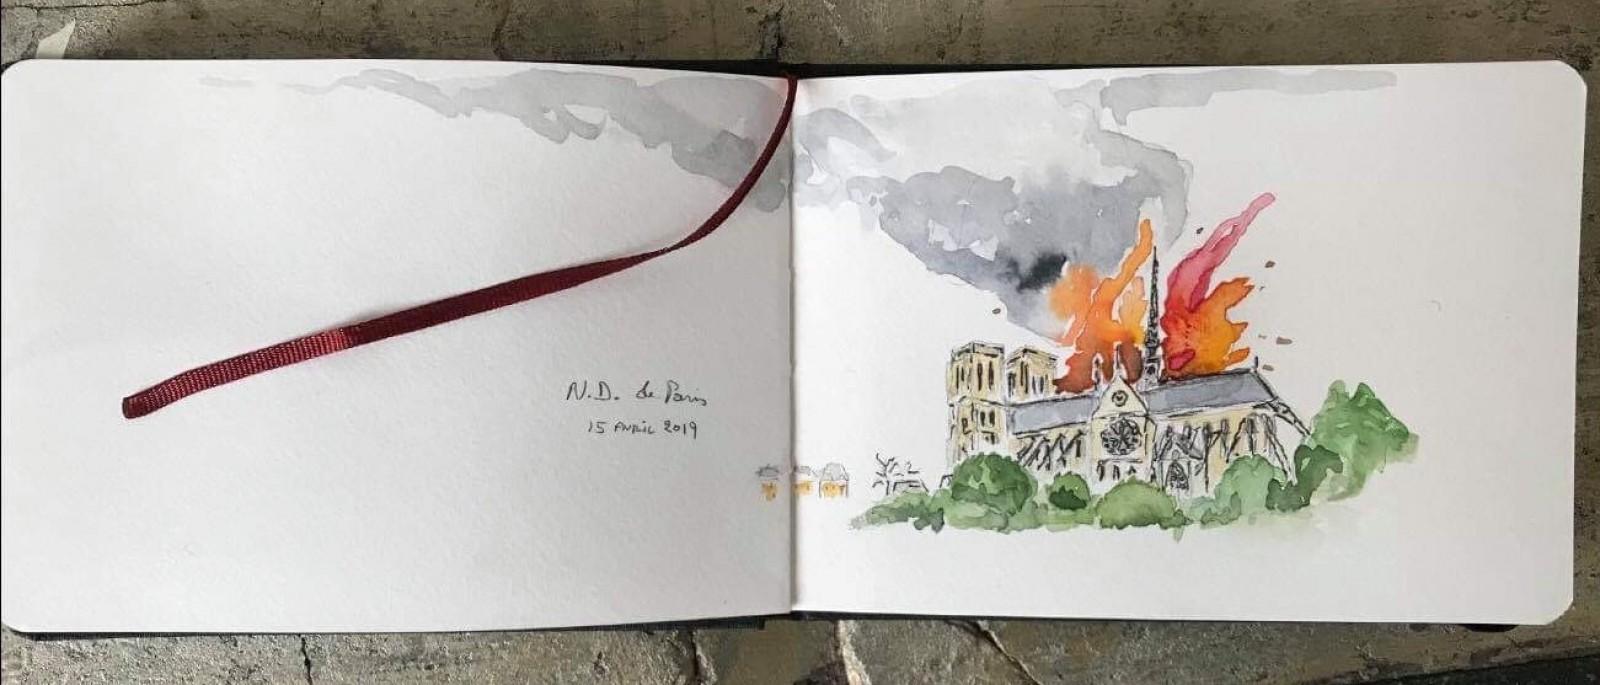 Notre Dame de Paris : Devastation and Reconstruction